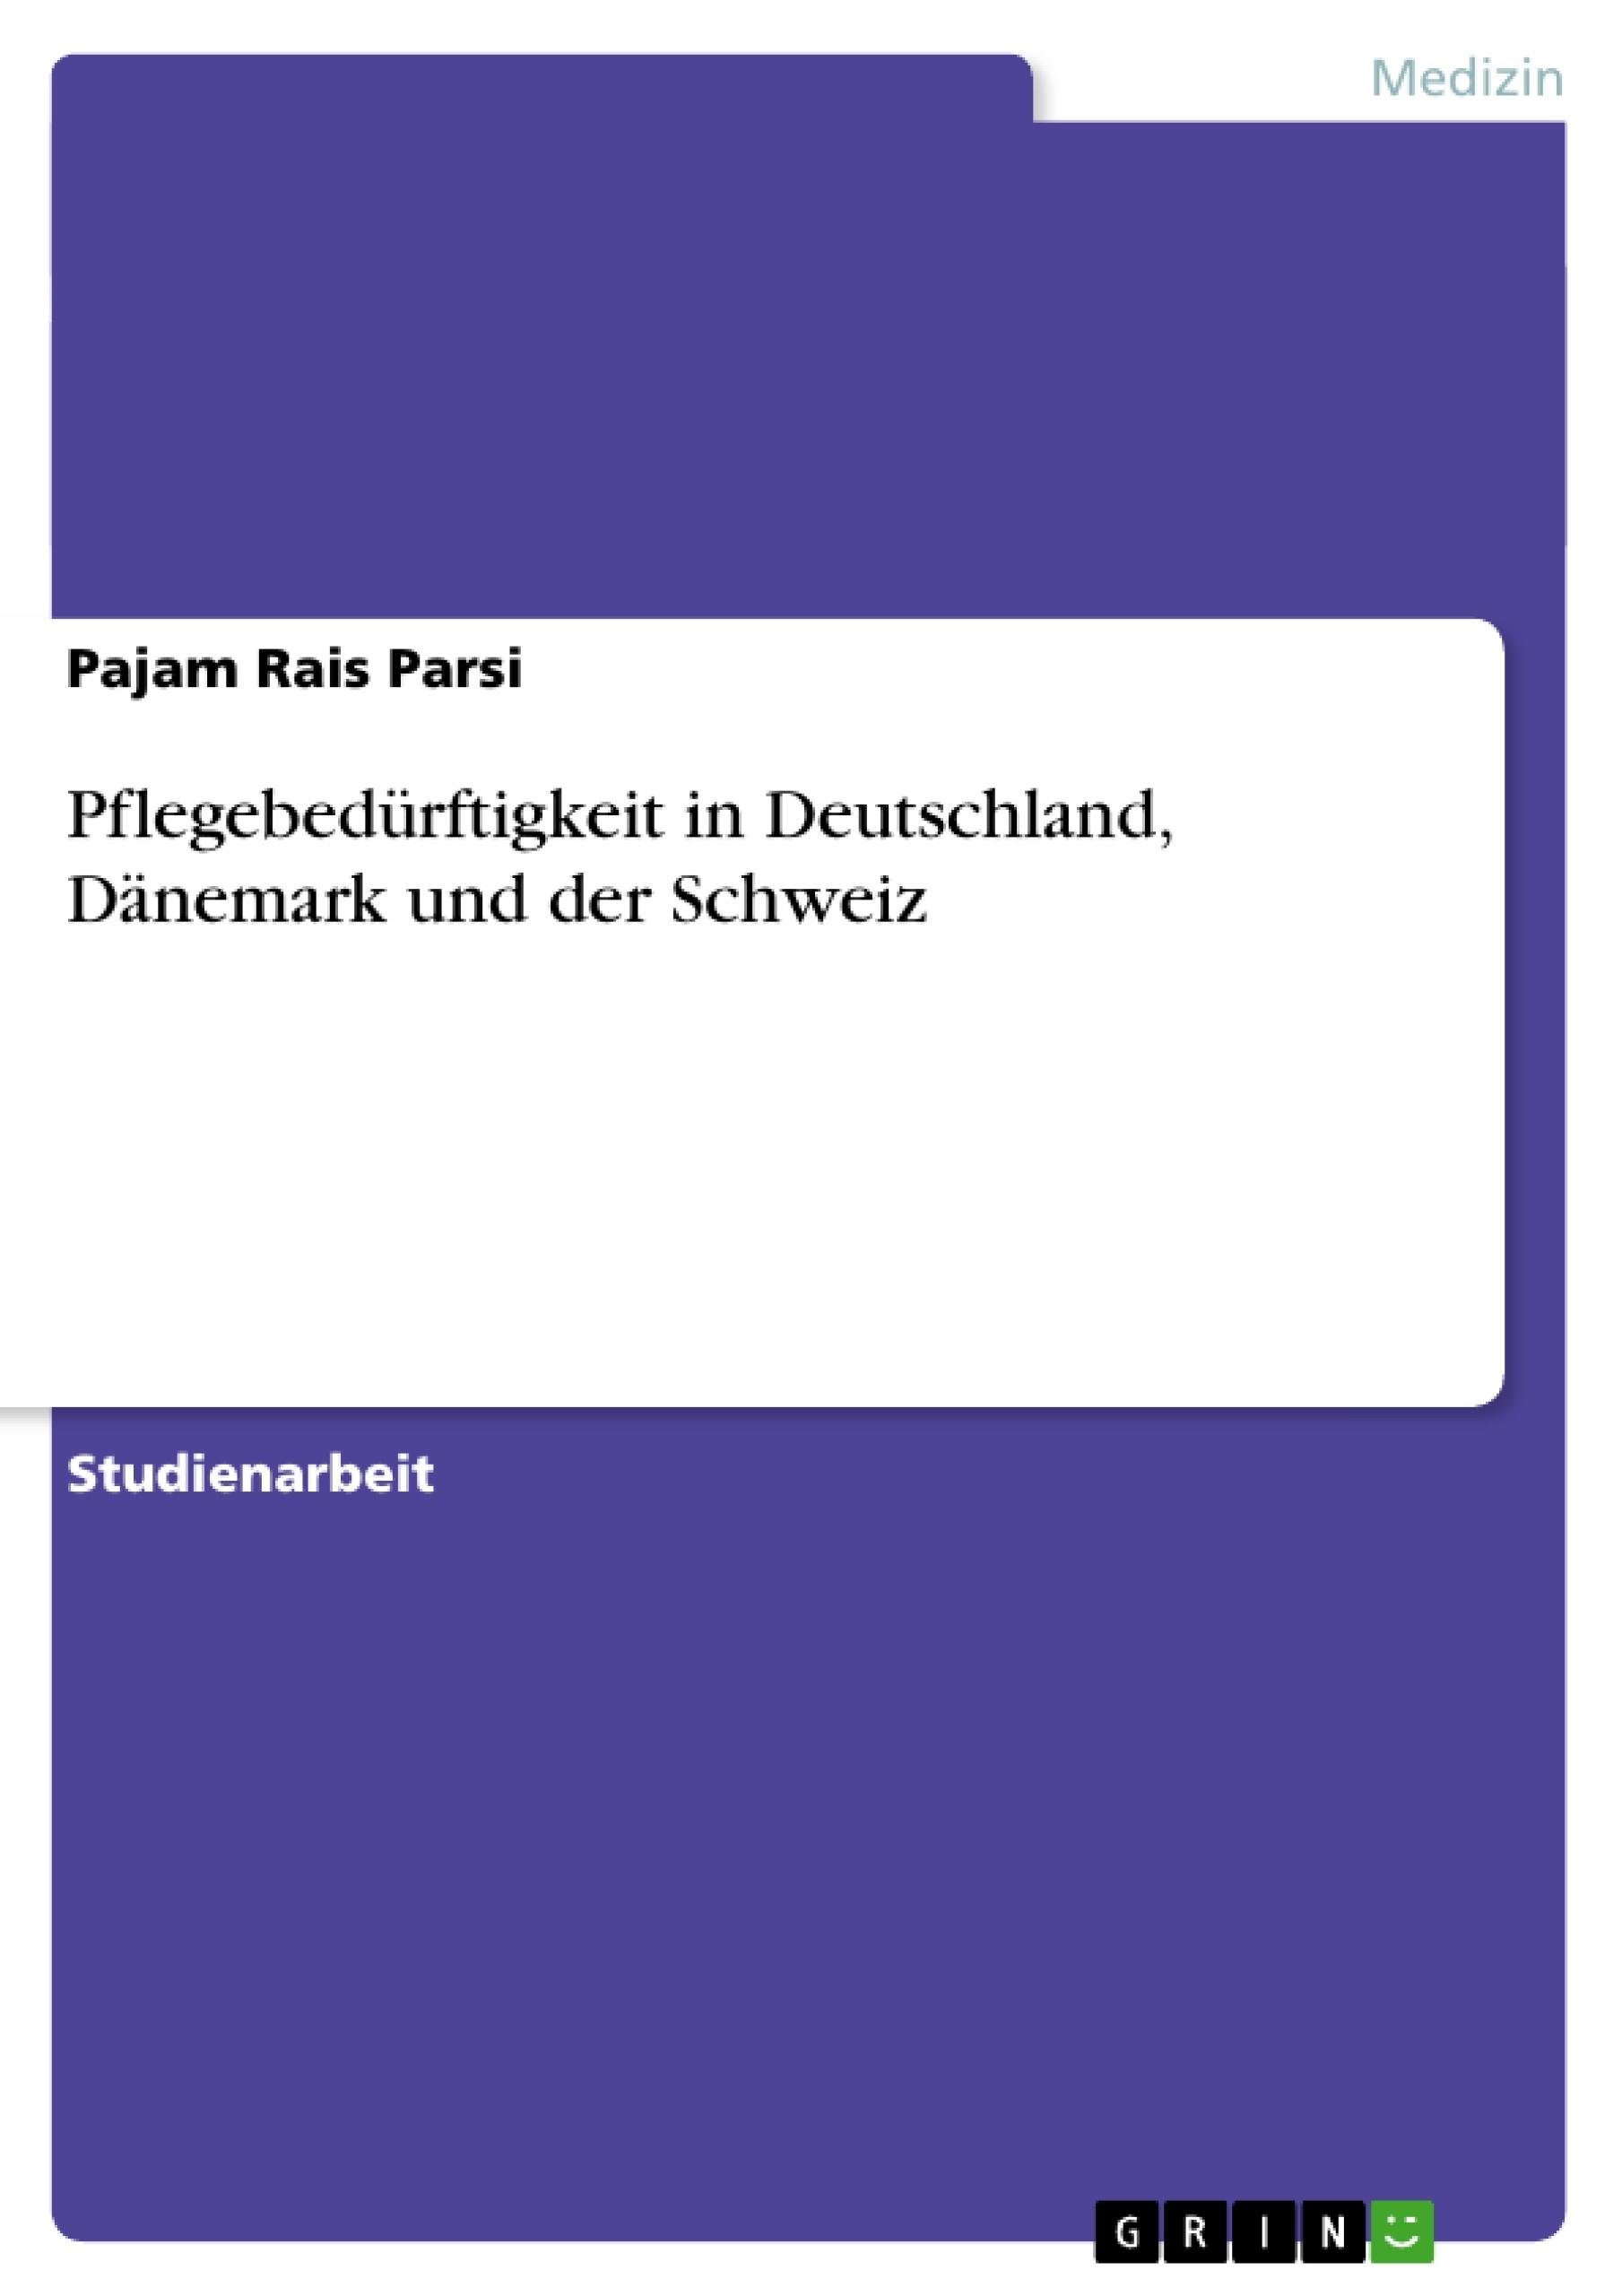 Titel: Pflegebedürftigkeit in Deutschland, Dänemark und der Schweiz